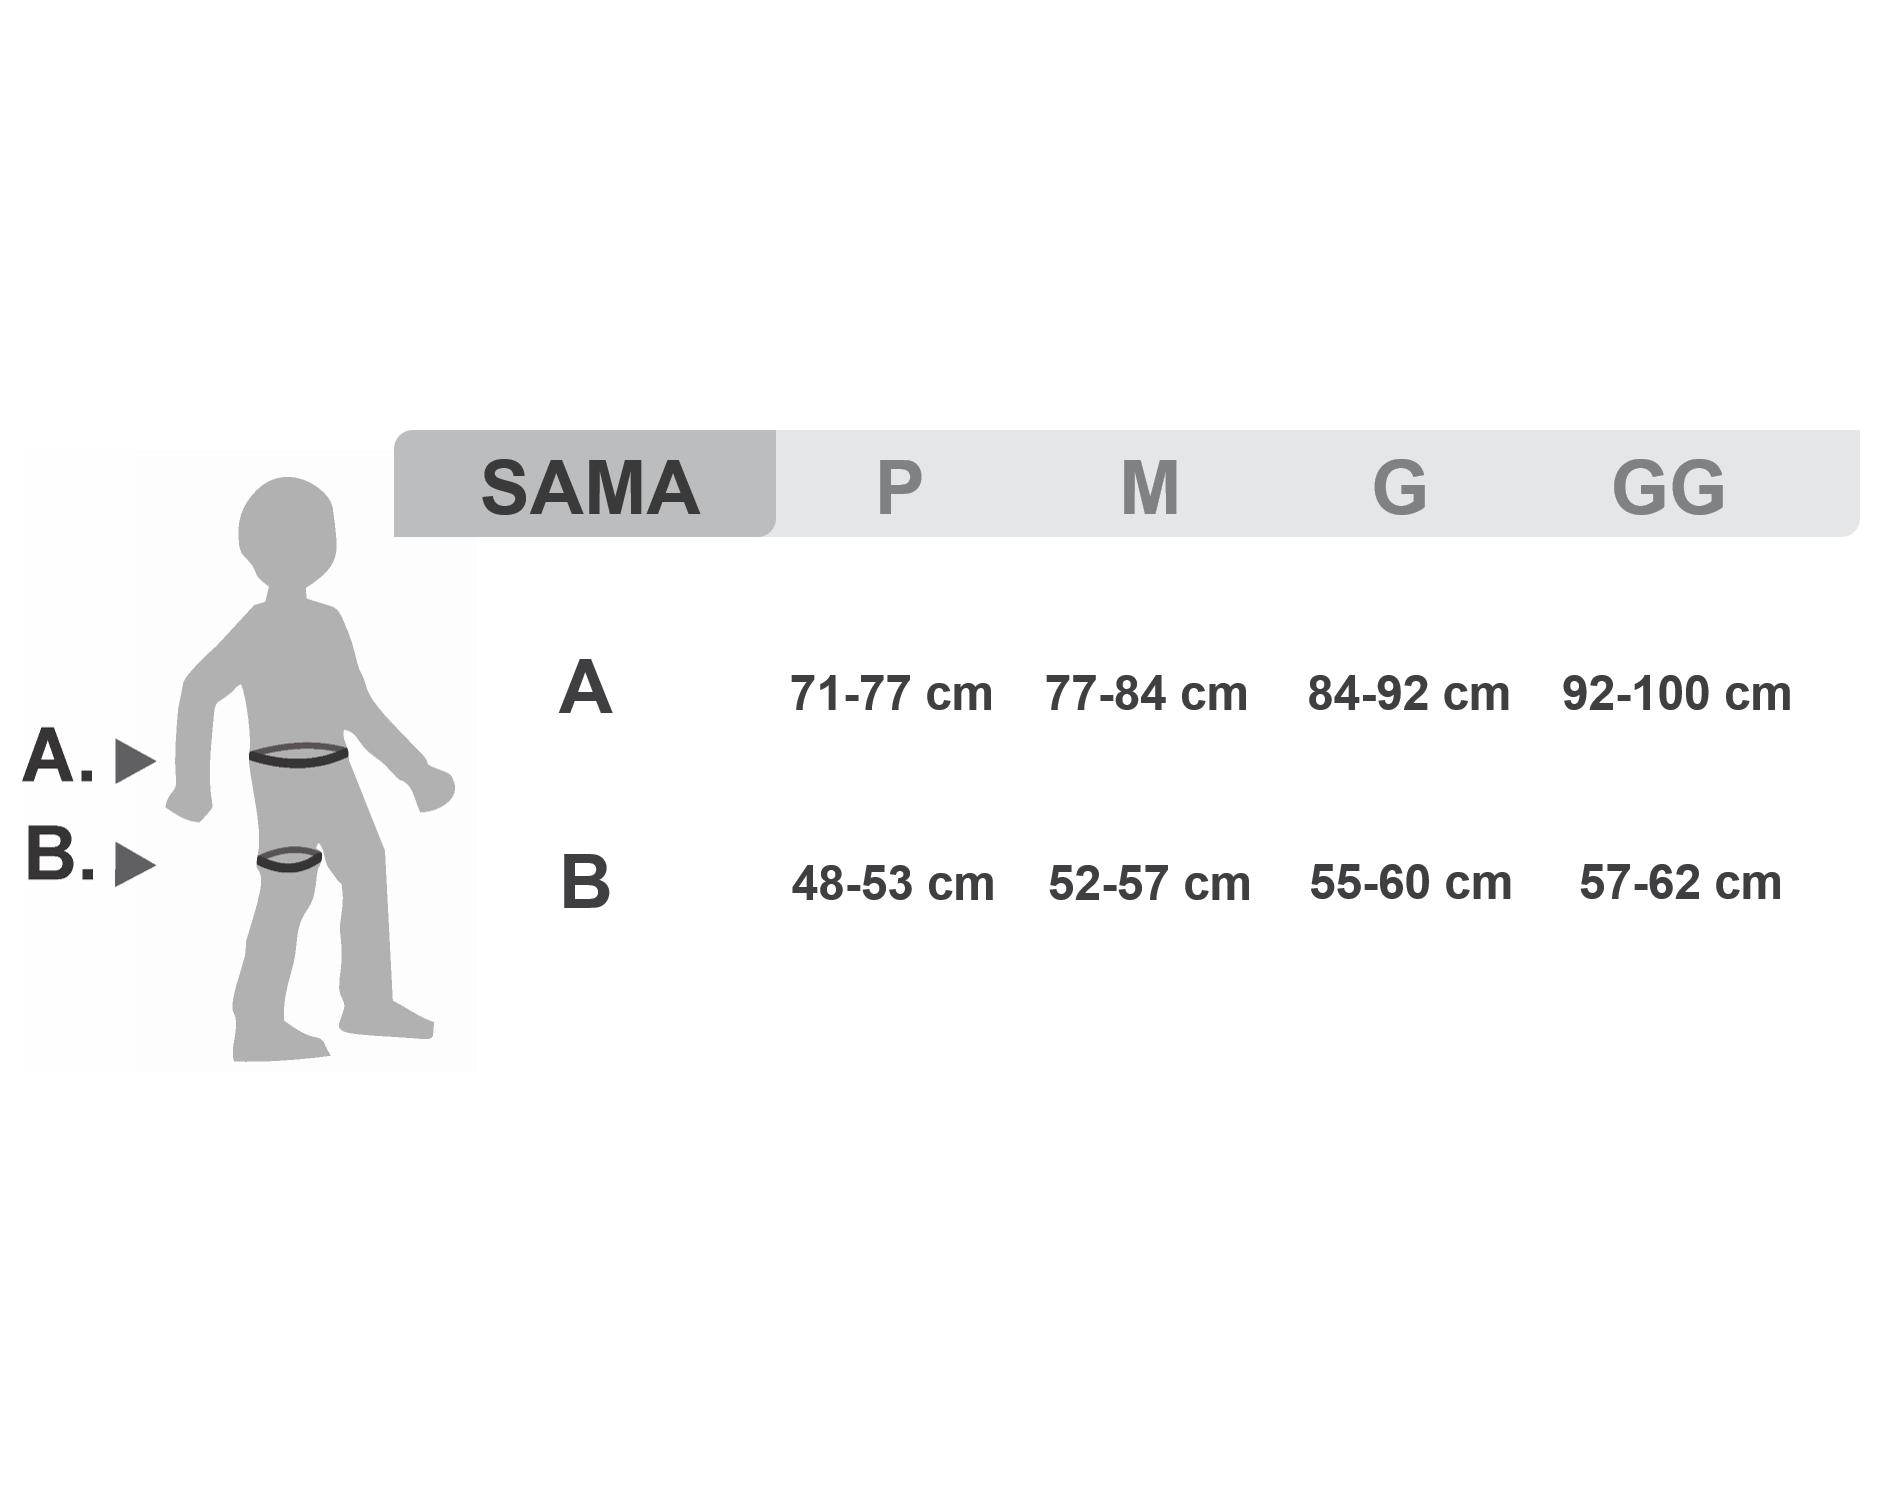 Sama - Cadeirinha confortavél para escalada Petzl